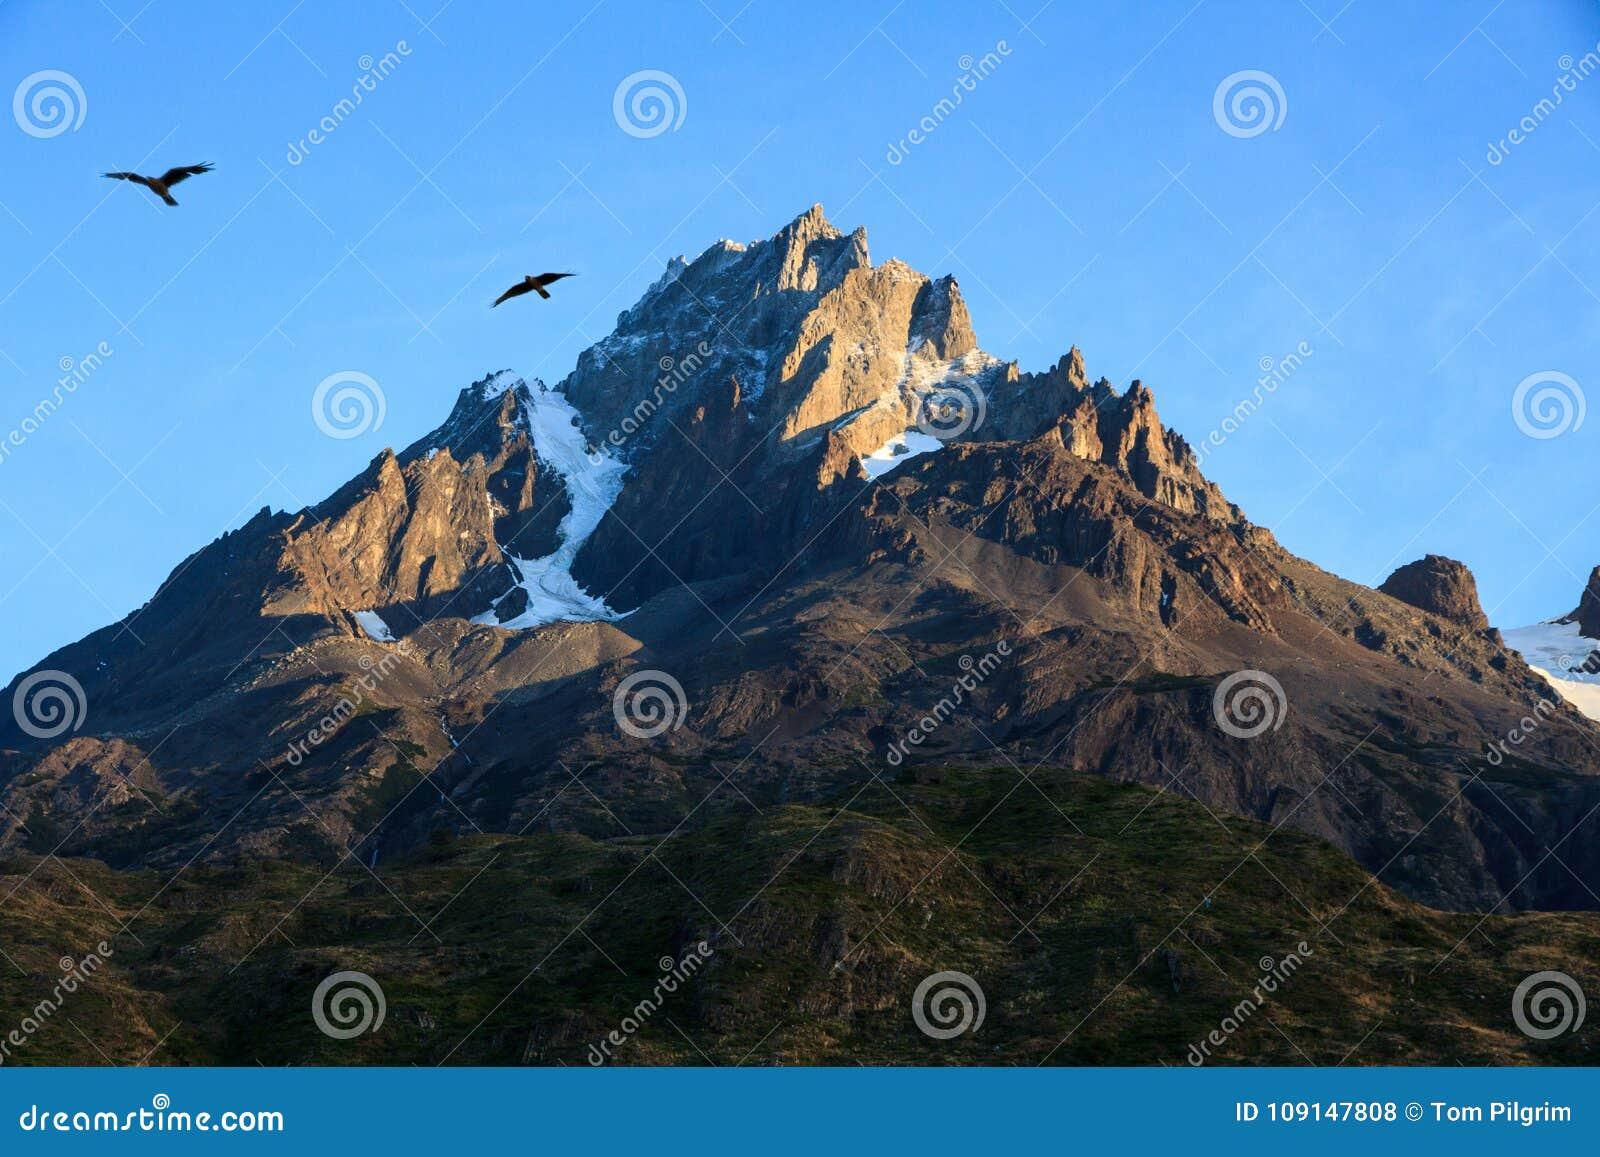 Deux Caracaras silhouettés contre le ciel bleu au-dessus d une montagne rocheuse de granit, parc national de Torres del Paine